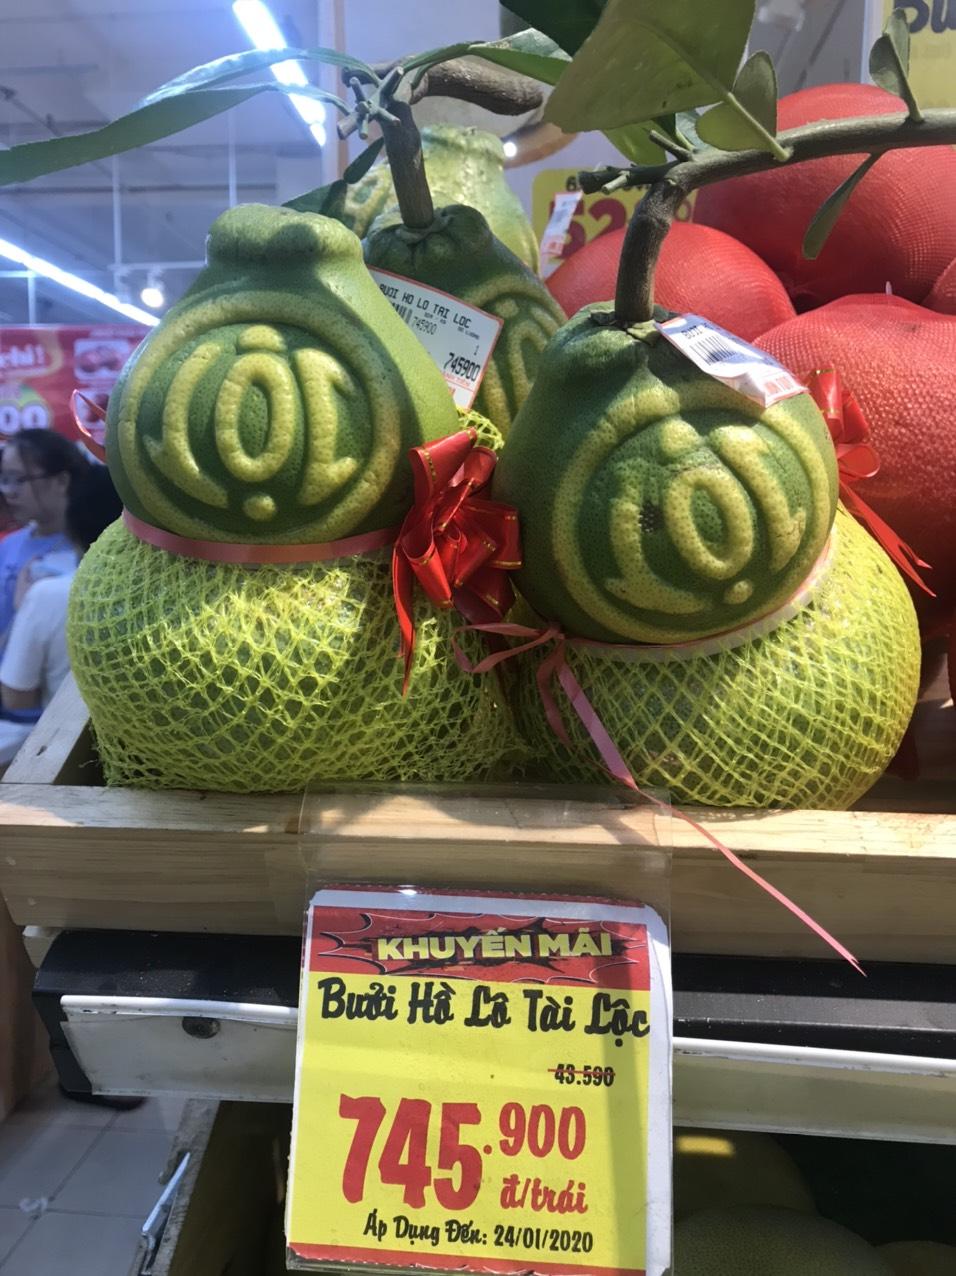 Tại siêu thị Big C (quận Gò Vấp) ngập tràn trái cây trưng Tết như bưởi, dưa hấu, đu đủ khắc chữ độc đáo.